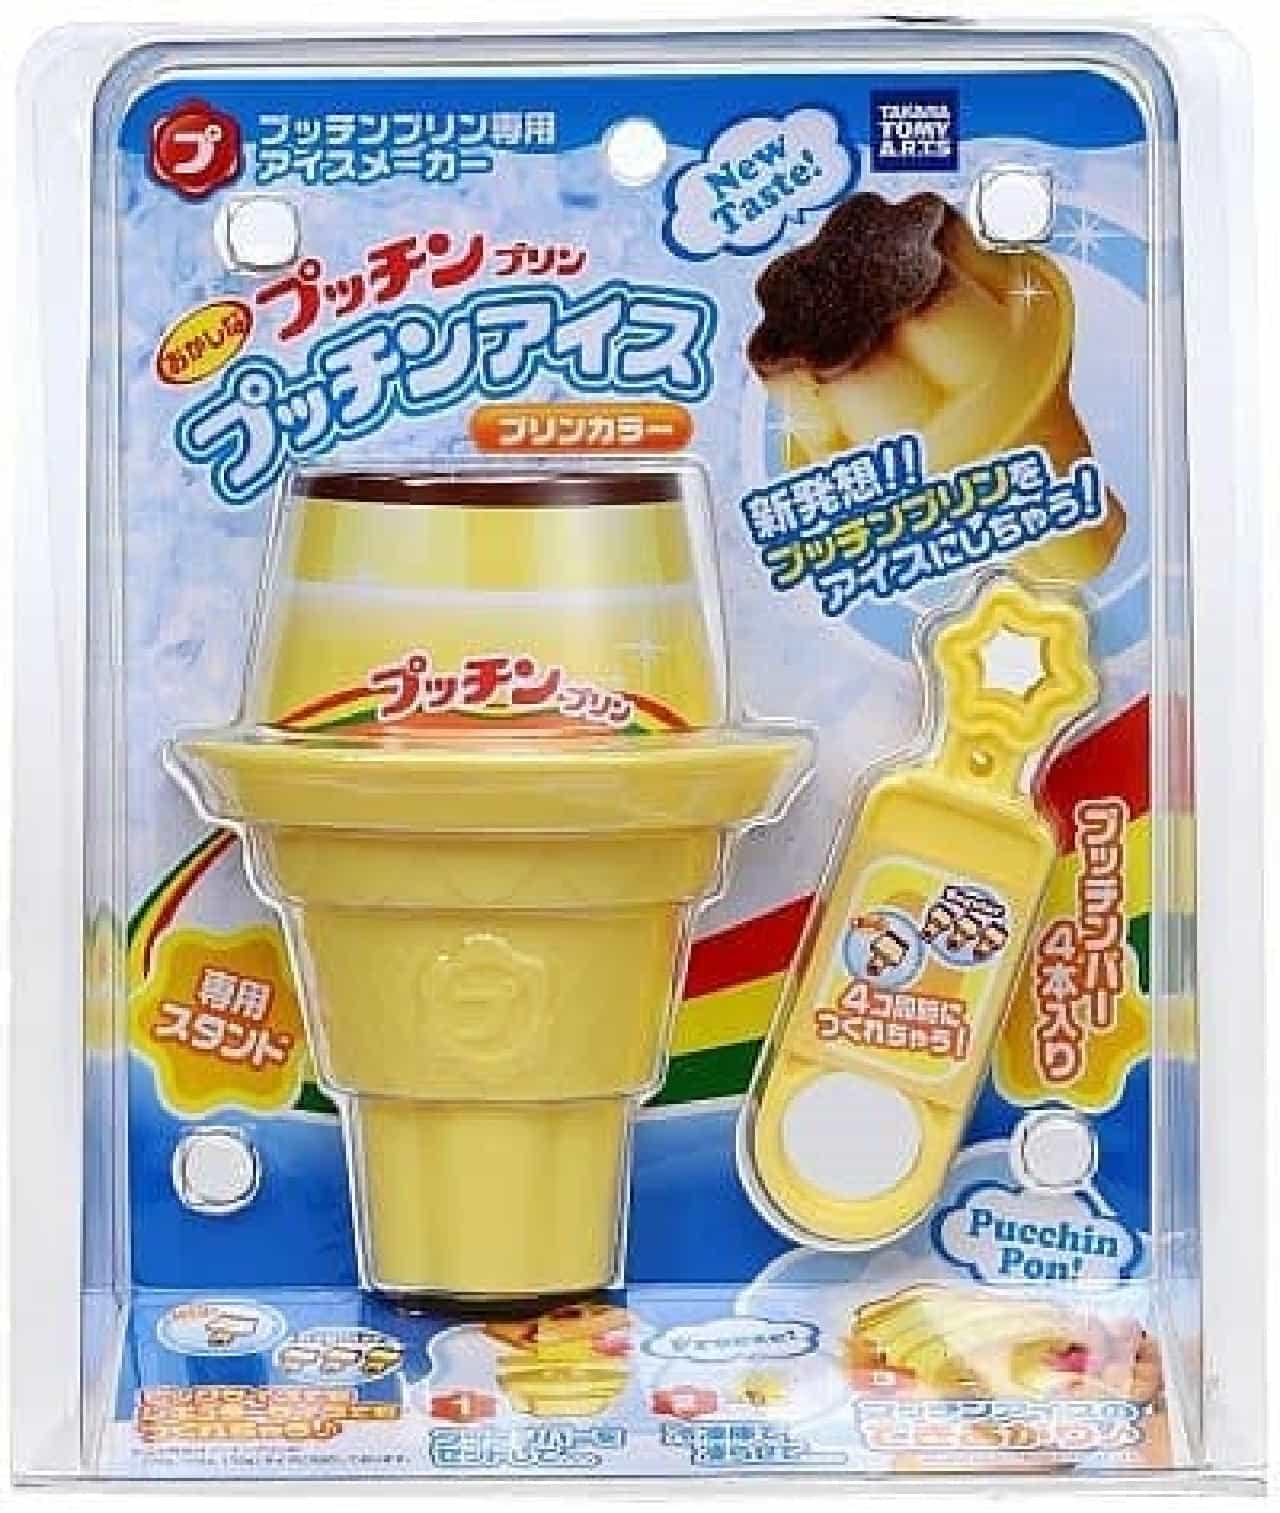 プッチンプリンをアイスにするためだけの専用アイスメーカー!用途狭っ!